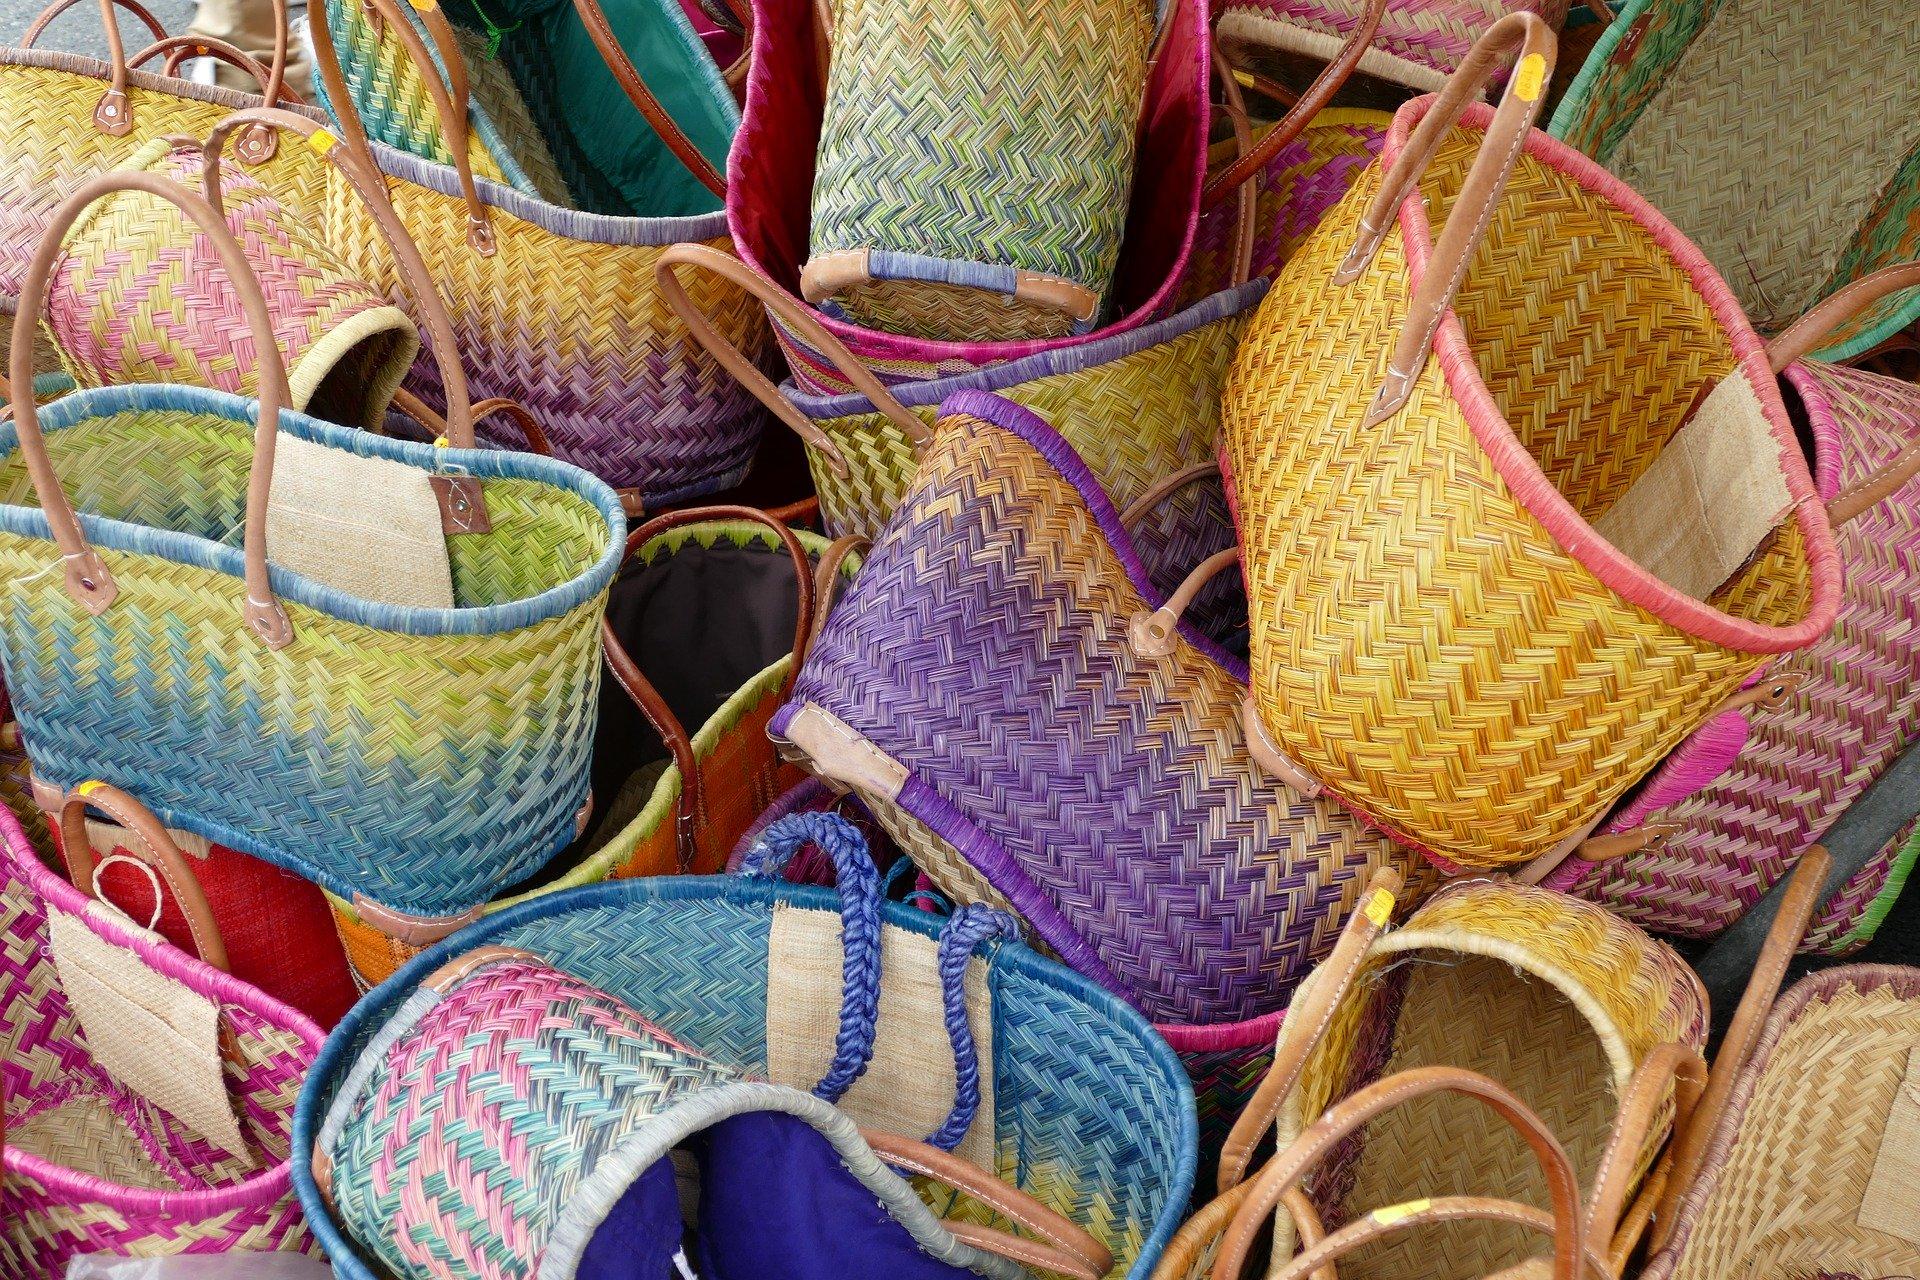 basket-2652620_1920